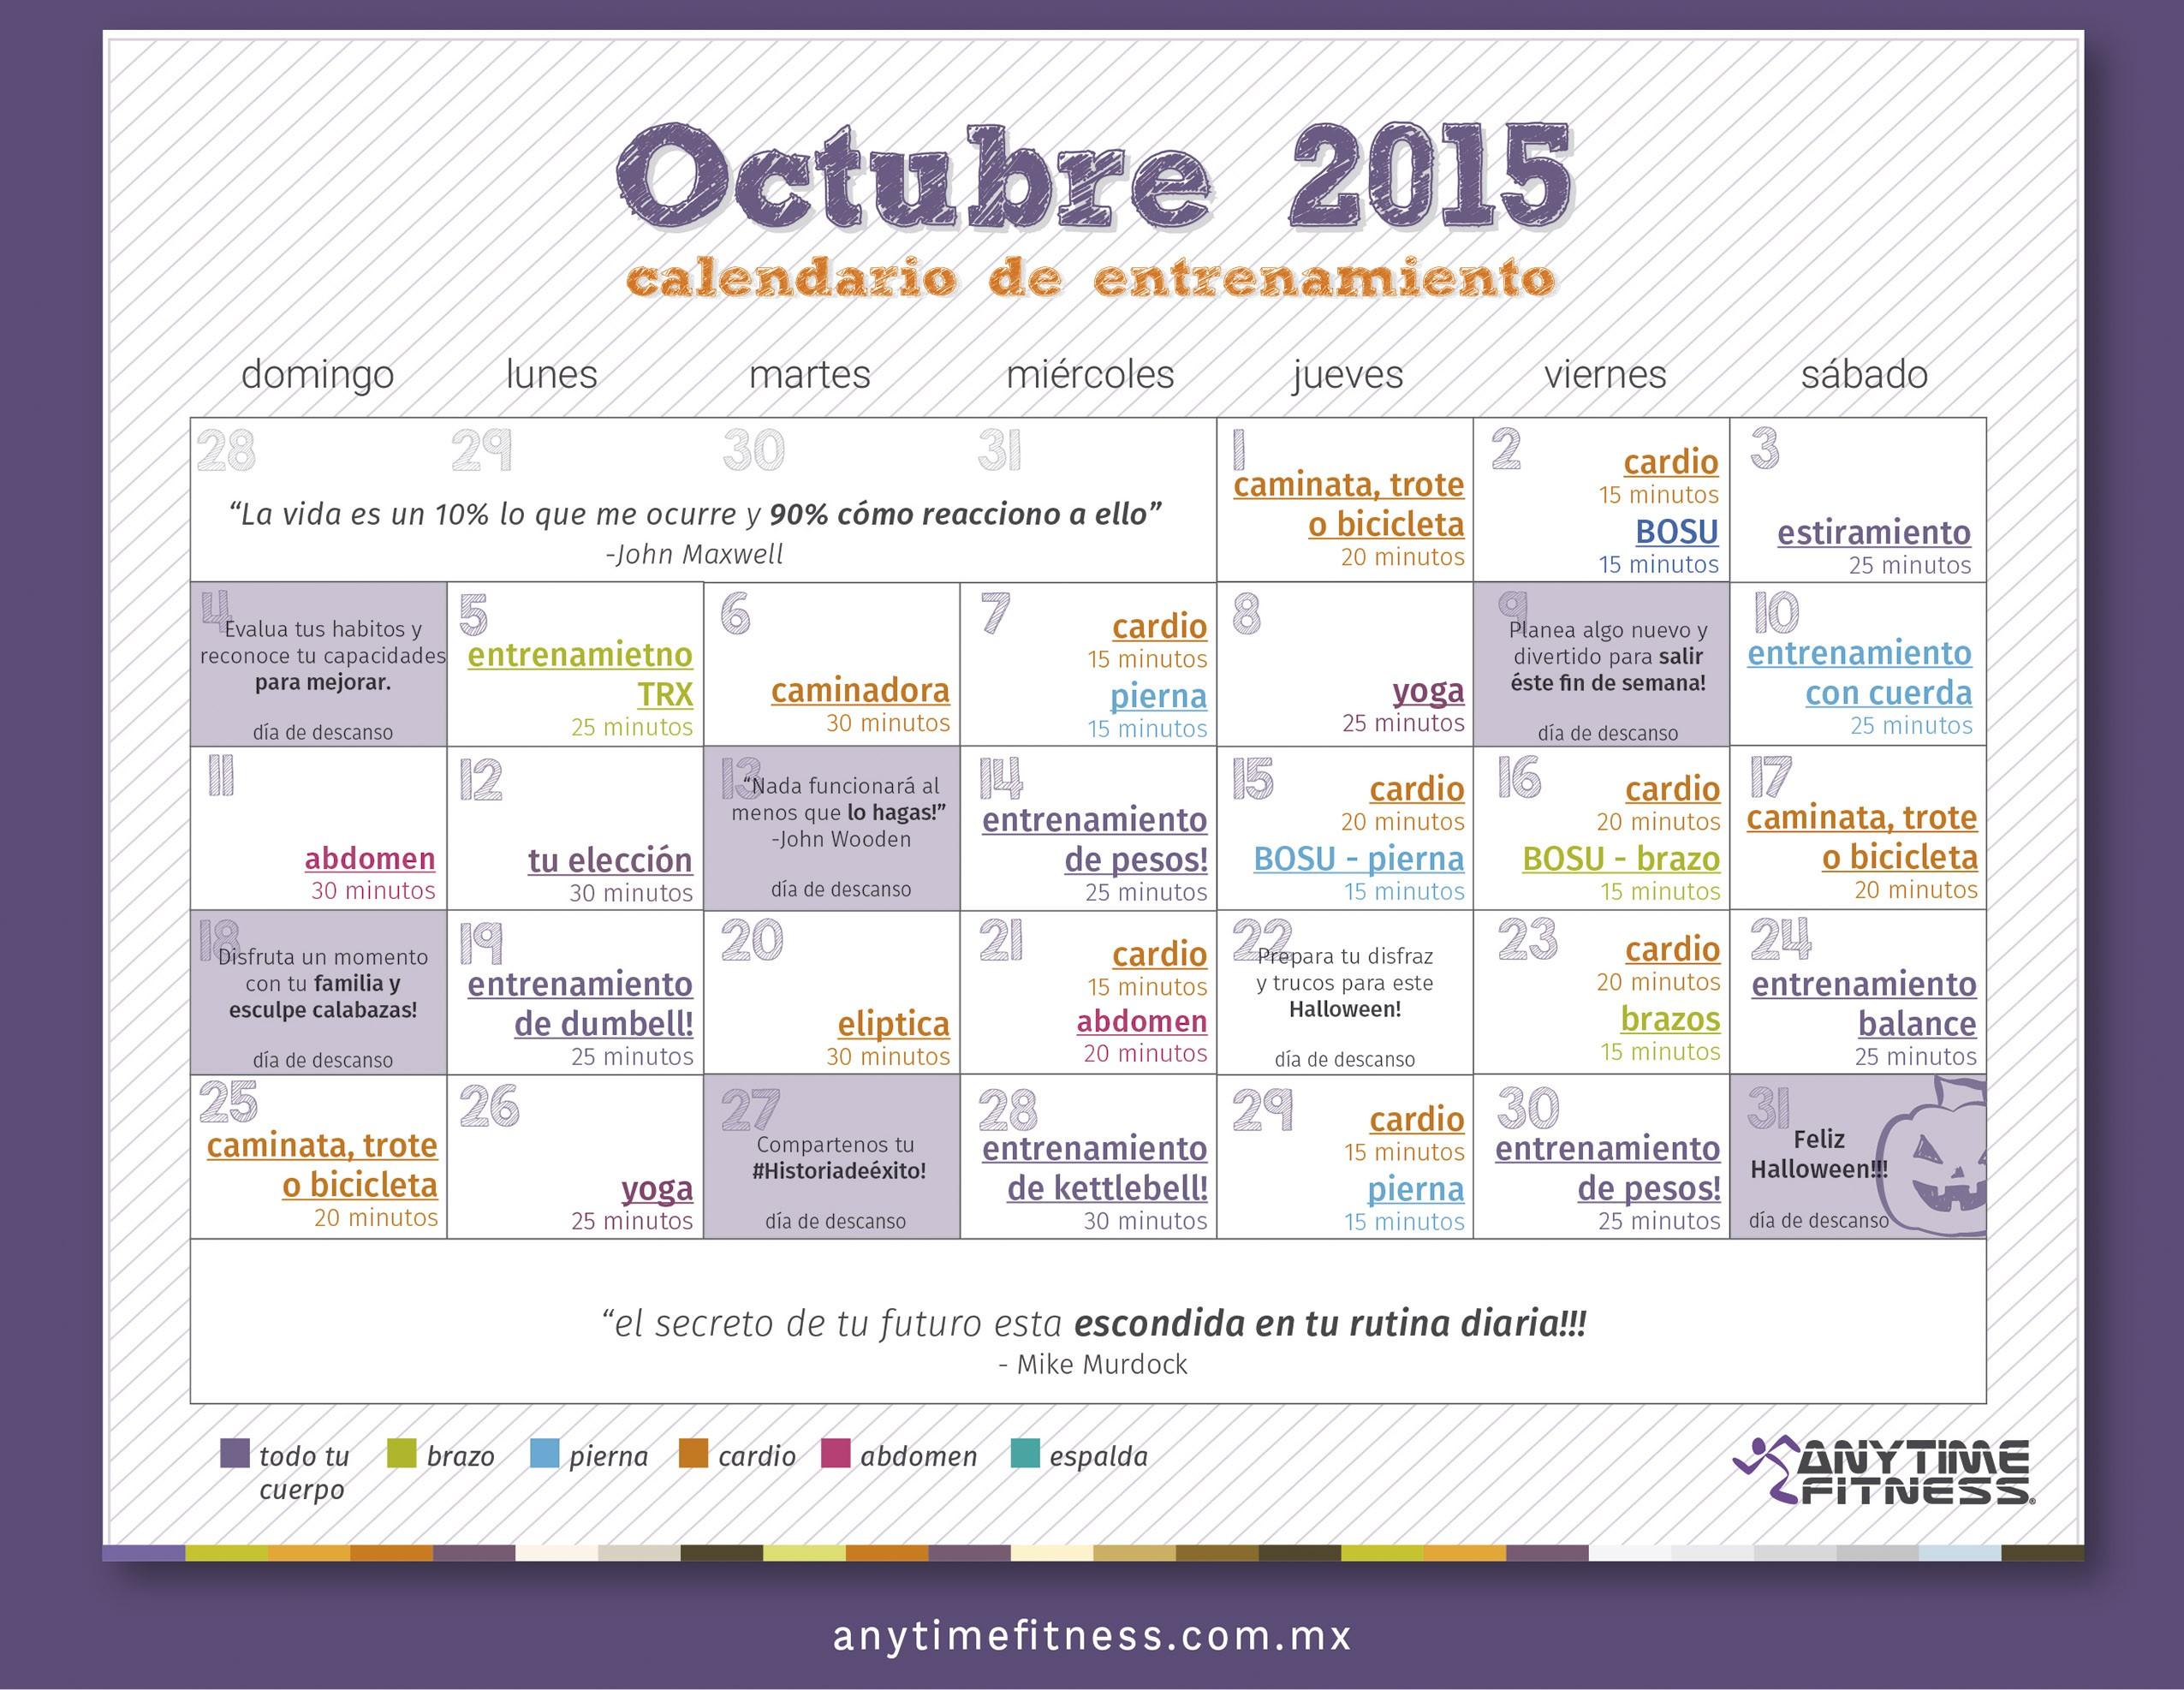 Calendario 2020 Tascabile Más Recientes Calendario Fitness Of Calendario 2020 Tascabile Actual Ge 2019 Calendar – Wonderful Gallery